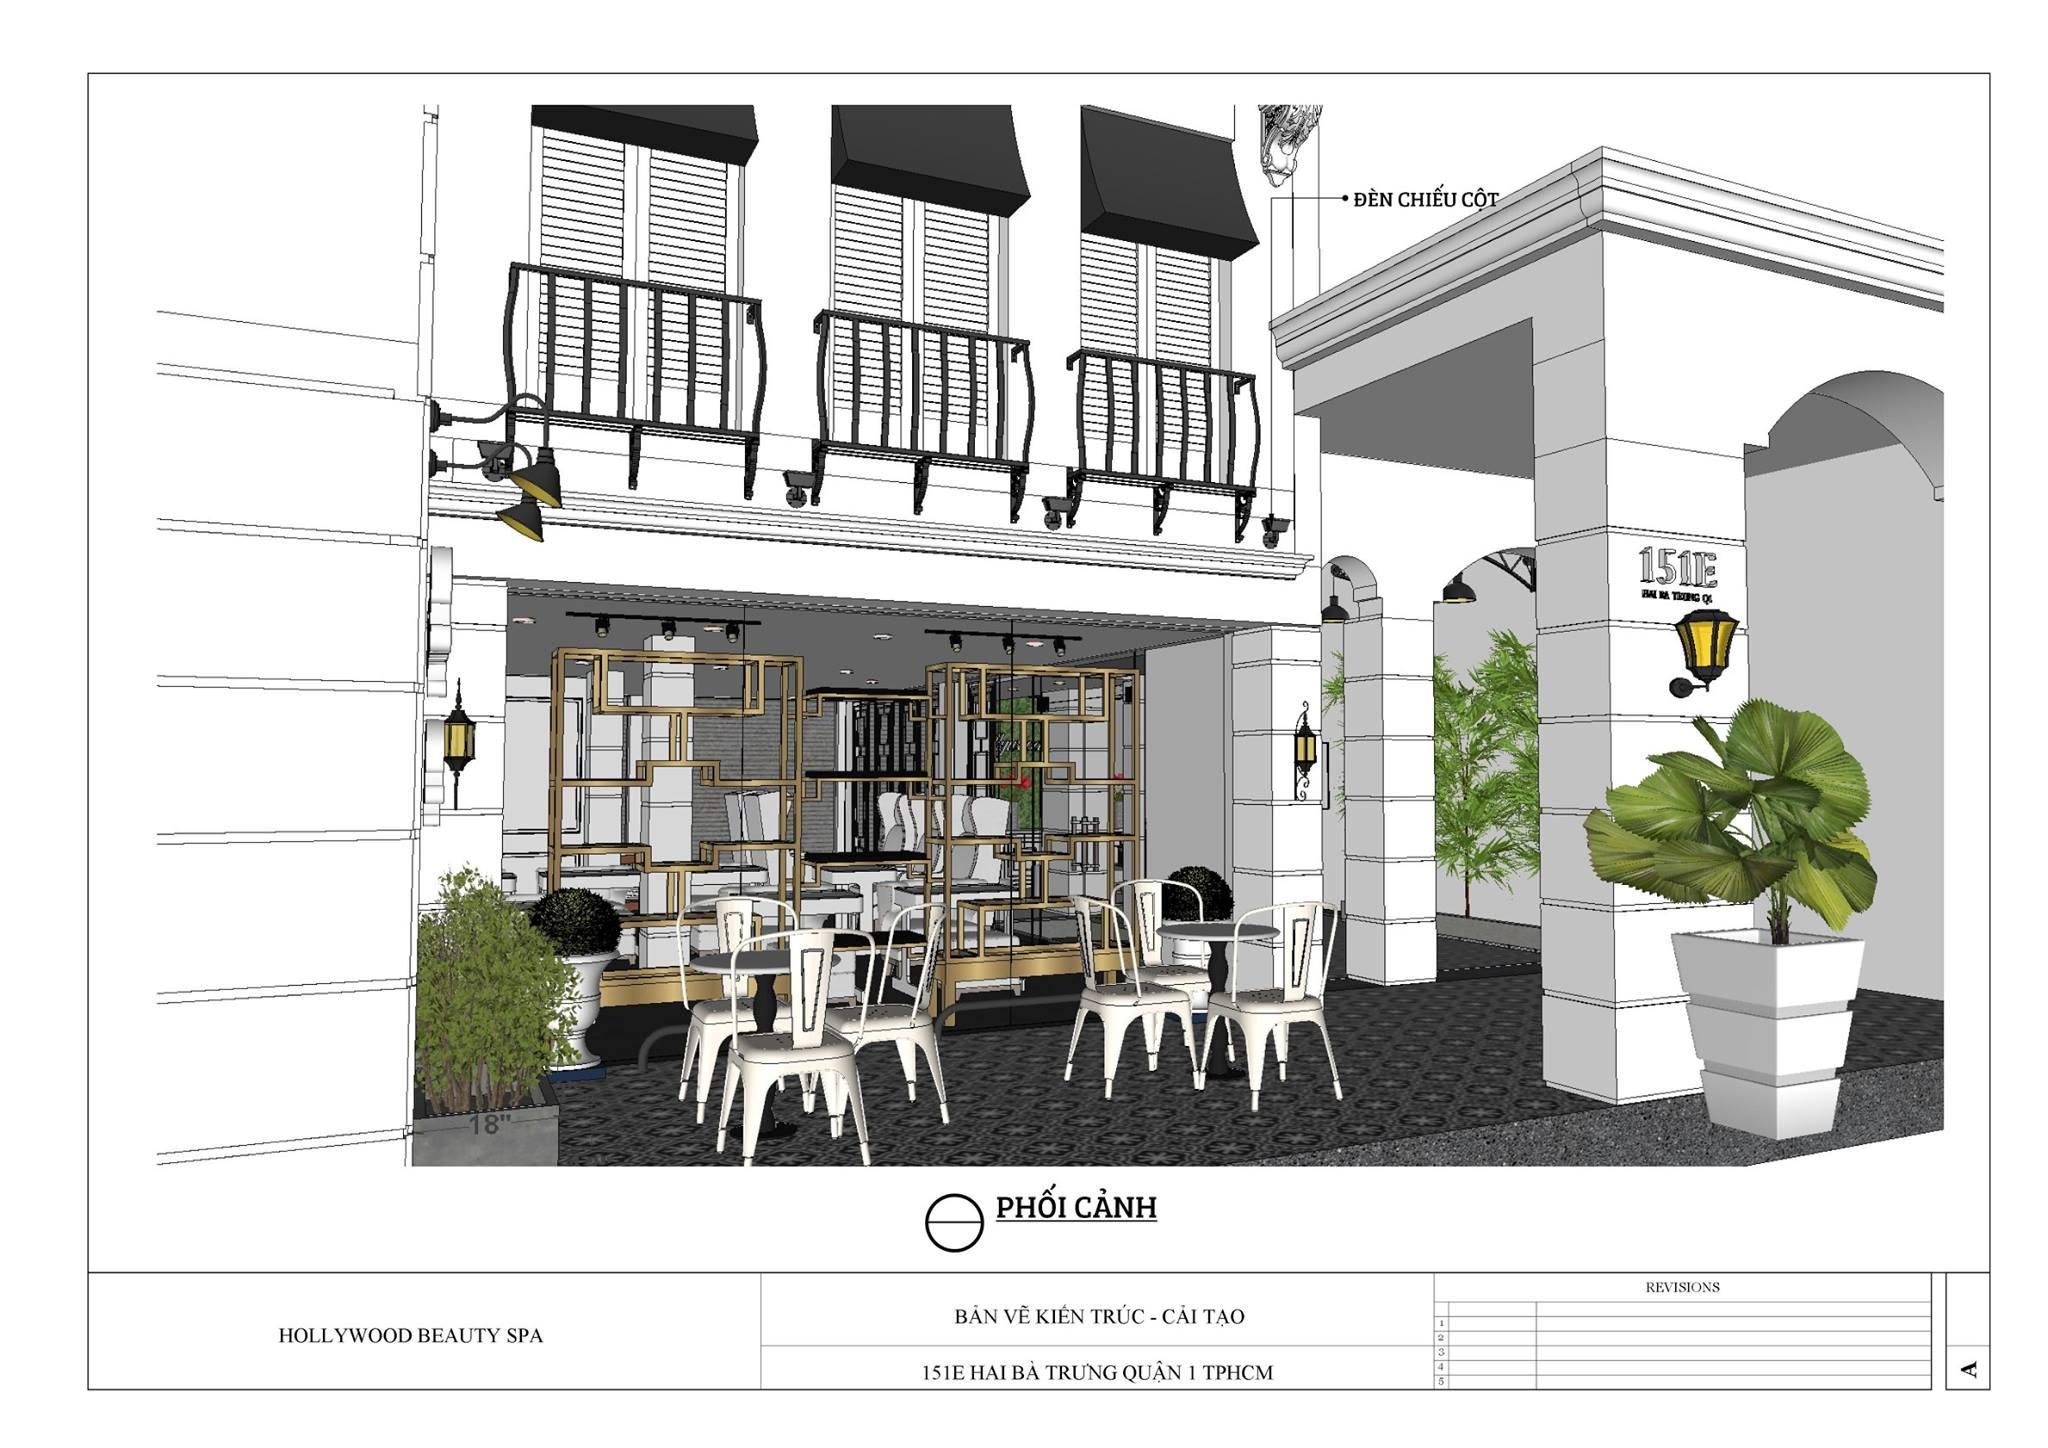 thiết kế nội thất Spa tại Hồ Chí Minh CẢI TẠO SPA - 06.2017 9 1534236528